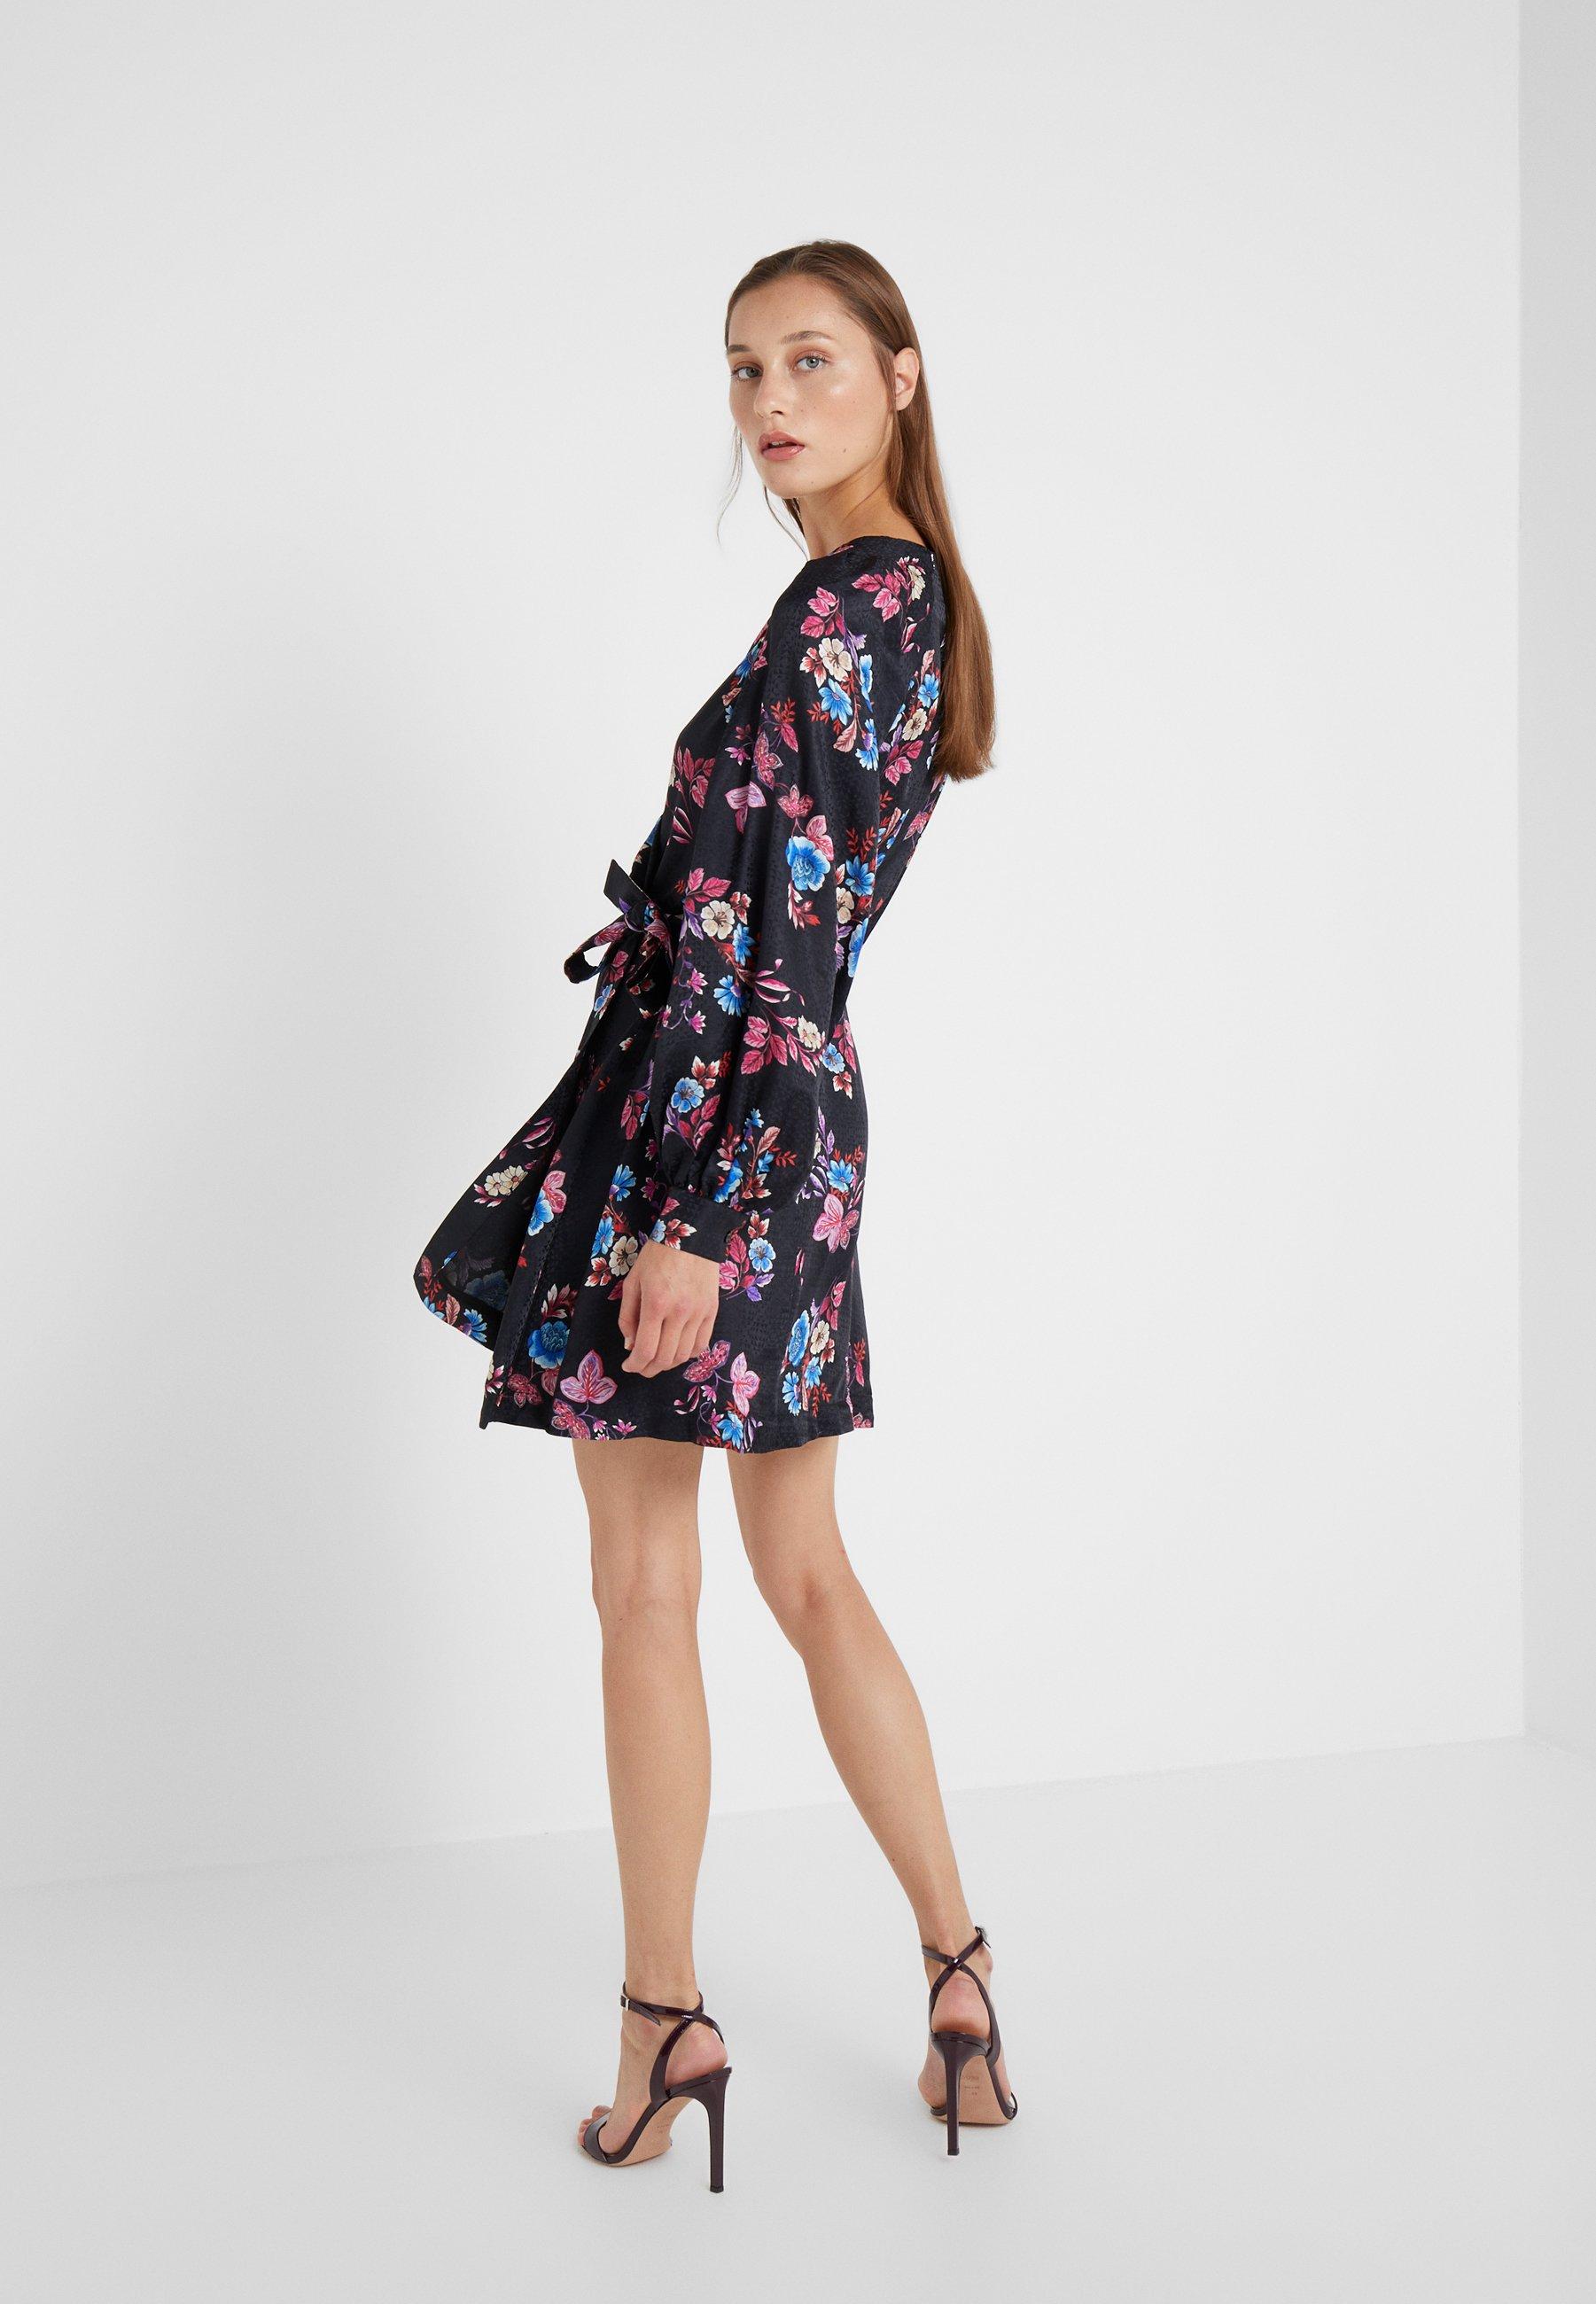 Vestito Multi azzurro nero EleganteMulticolore Pinko XiTuZOPk